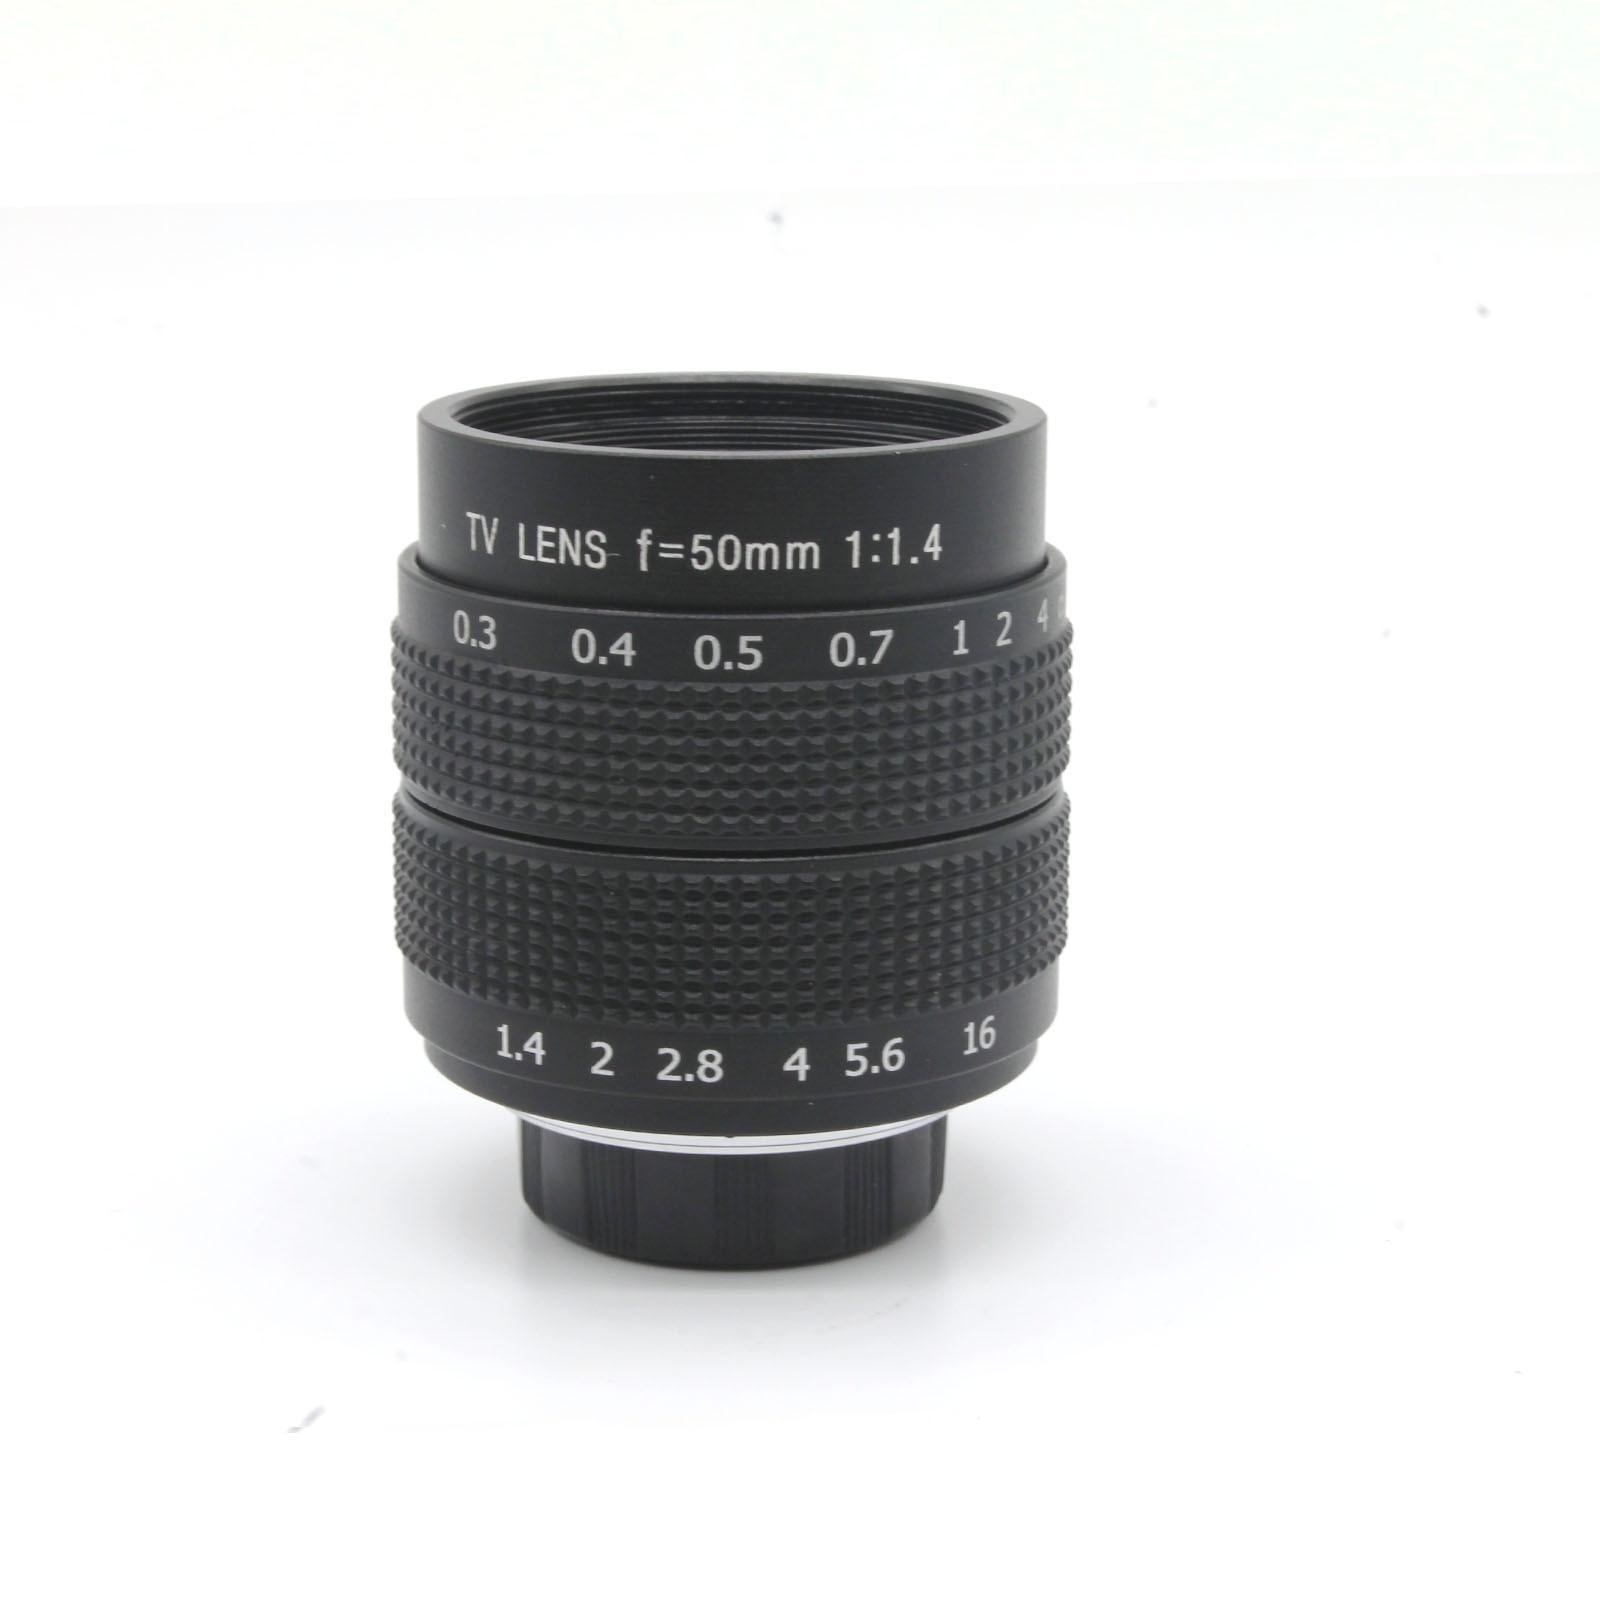 Offre spéciale 50mm f1.4 fujian DE TÉLÉVISION EN CIRCUIT FERMÉ Lentille monture C pour GF3 GF2 GF1 G3 GH1 GH2 EP1 EP2 EPL1 EPL